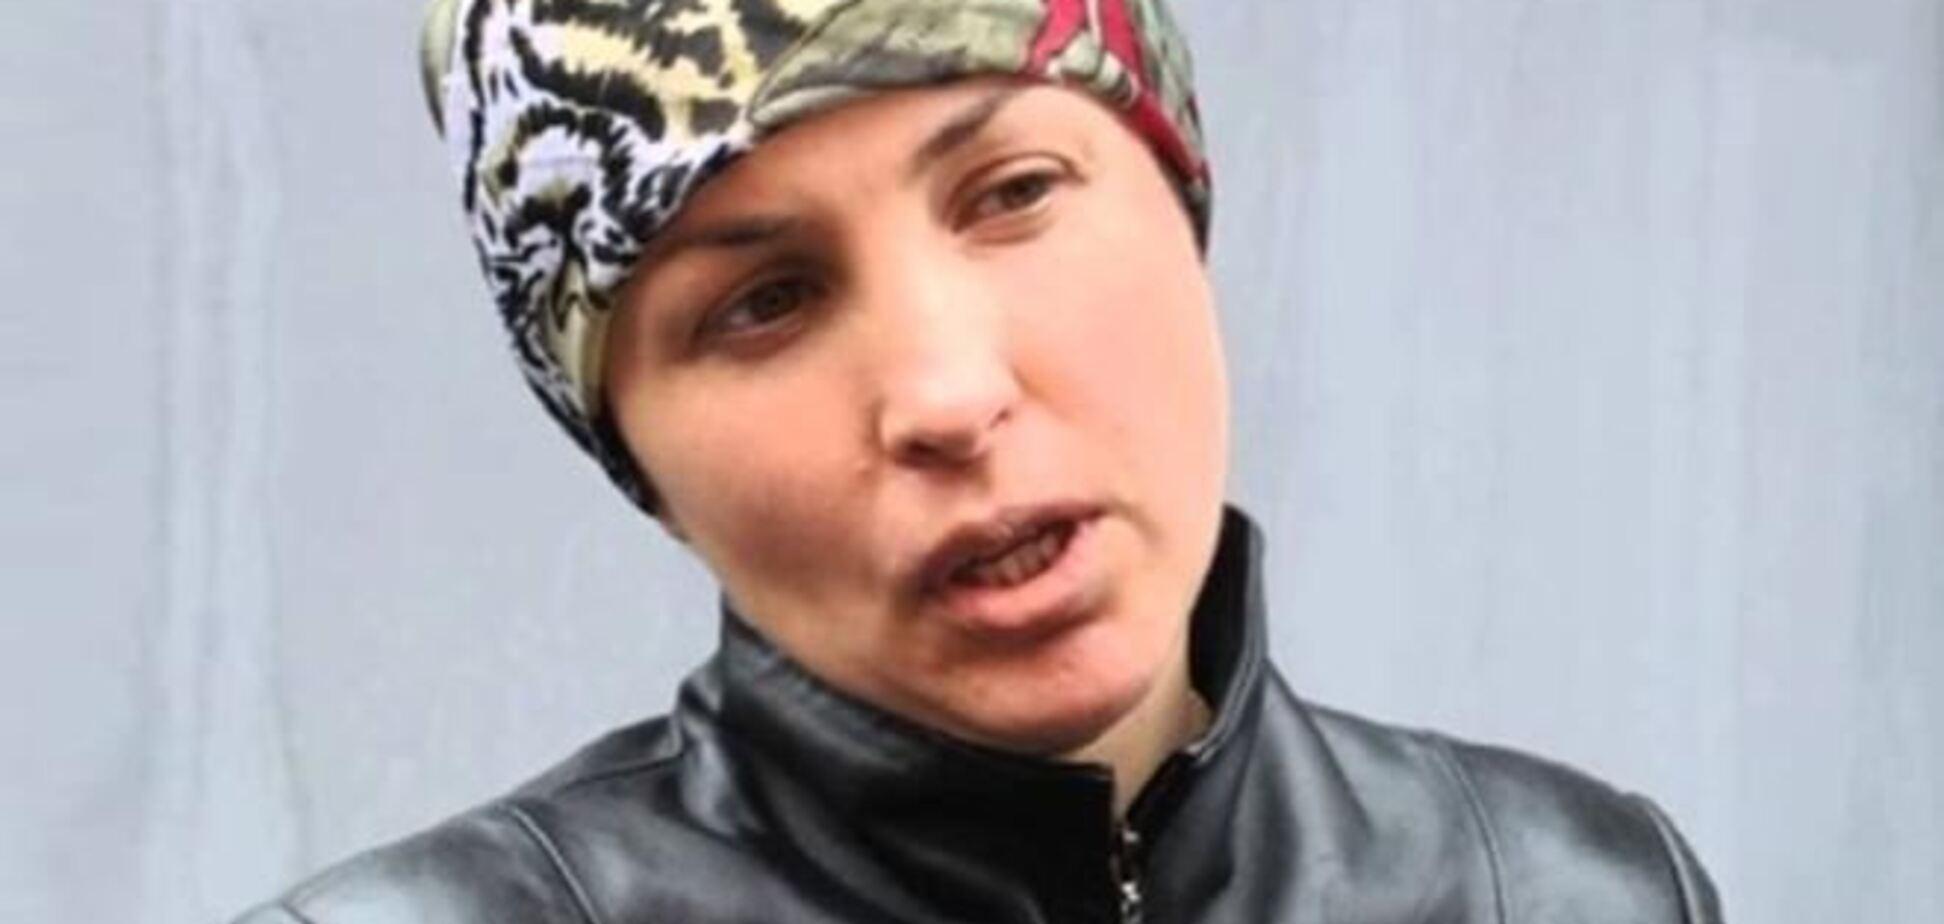 Суд подтвердил факт изнасилования Крашковой